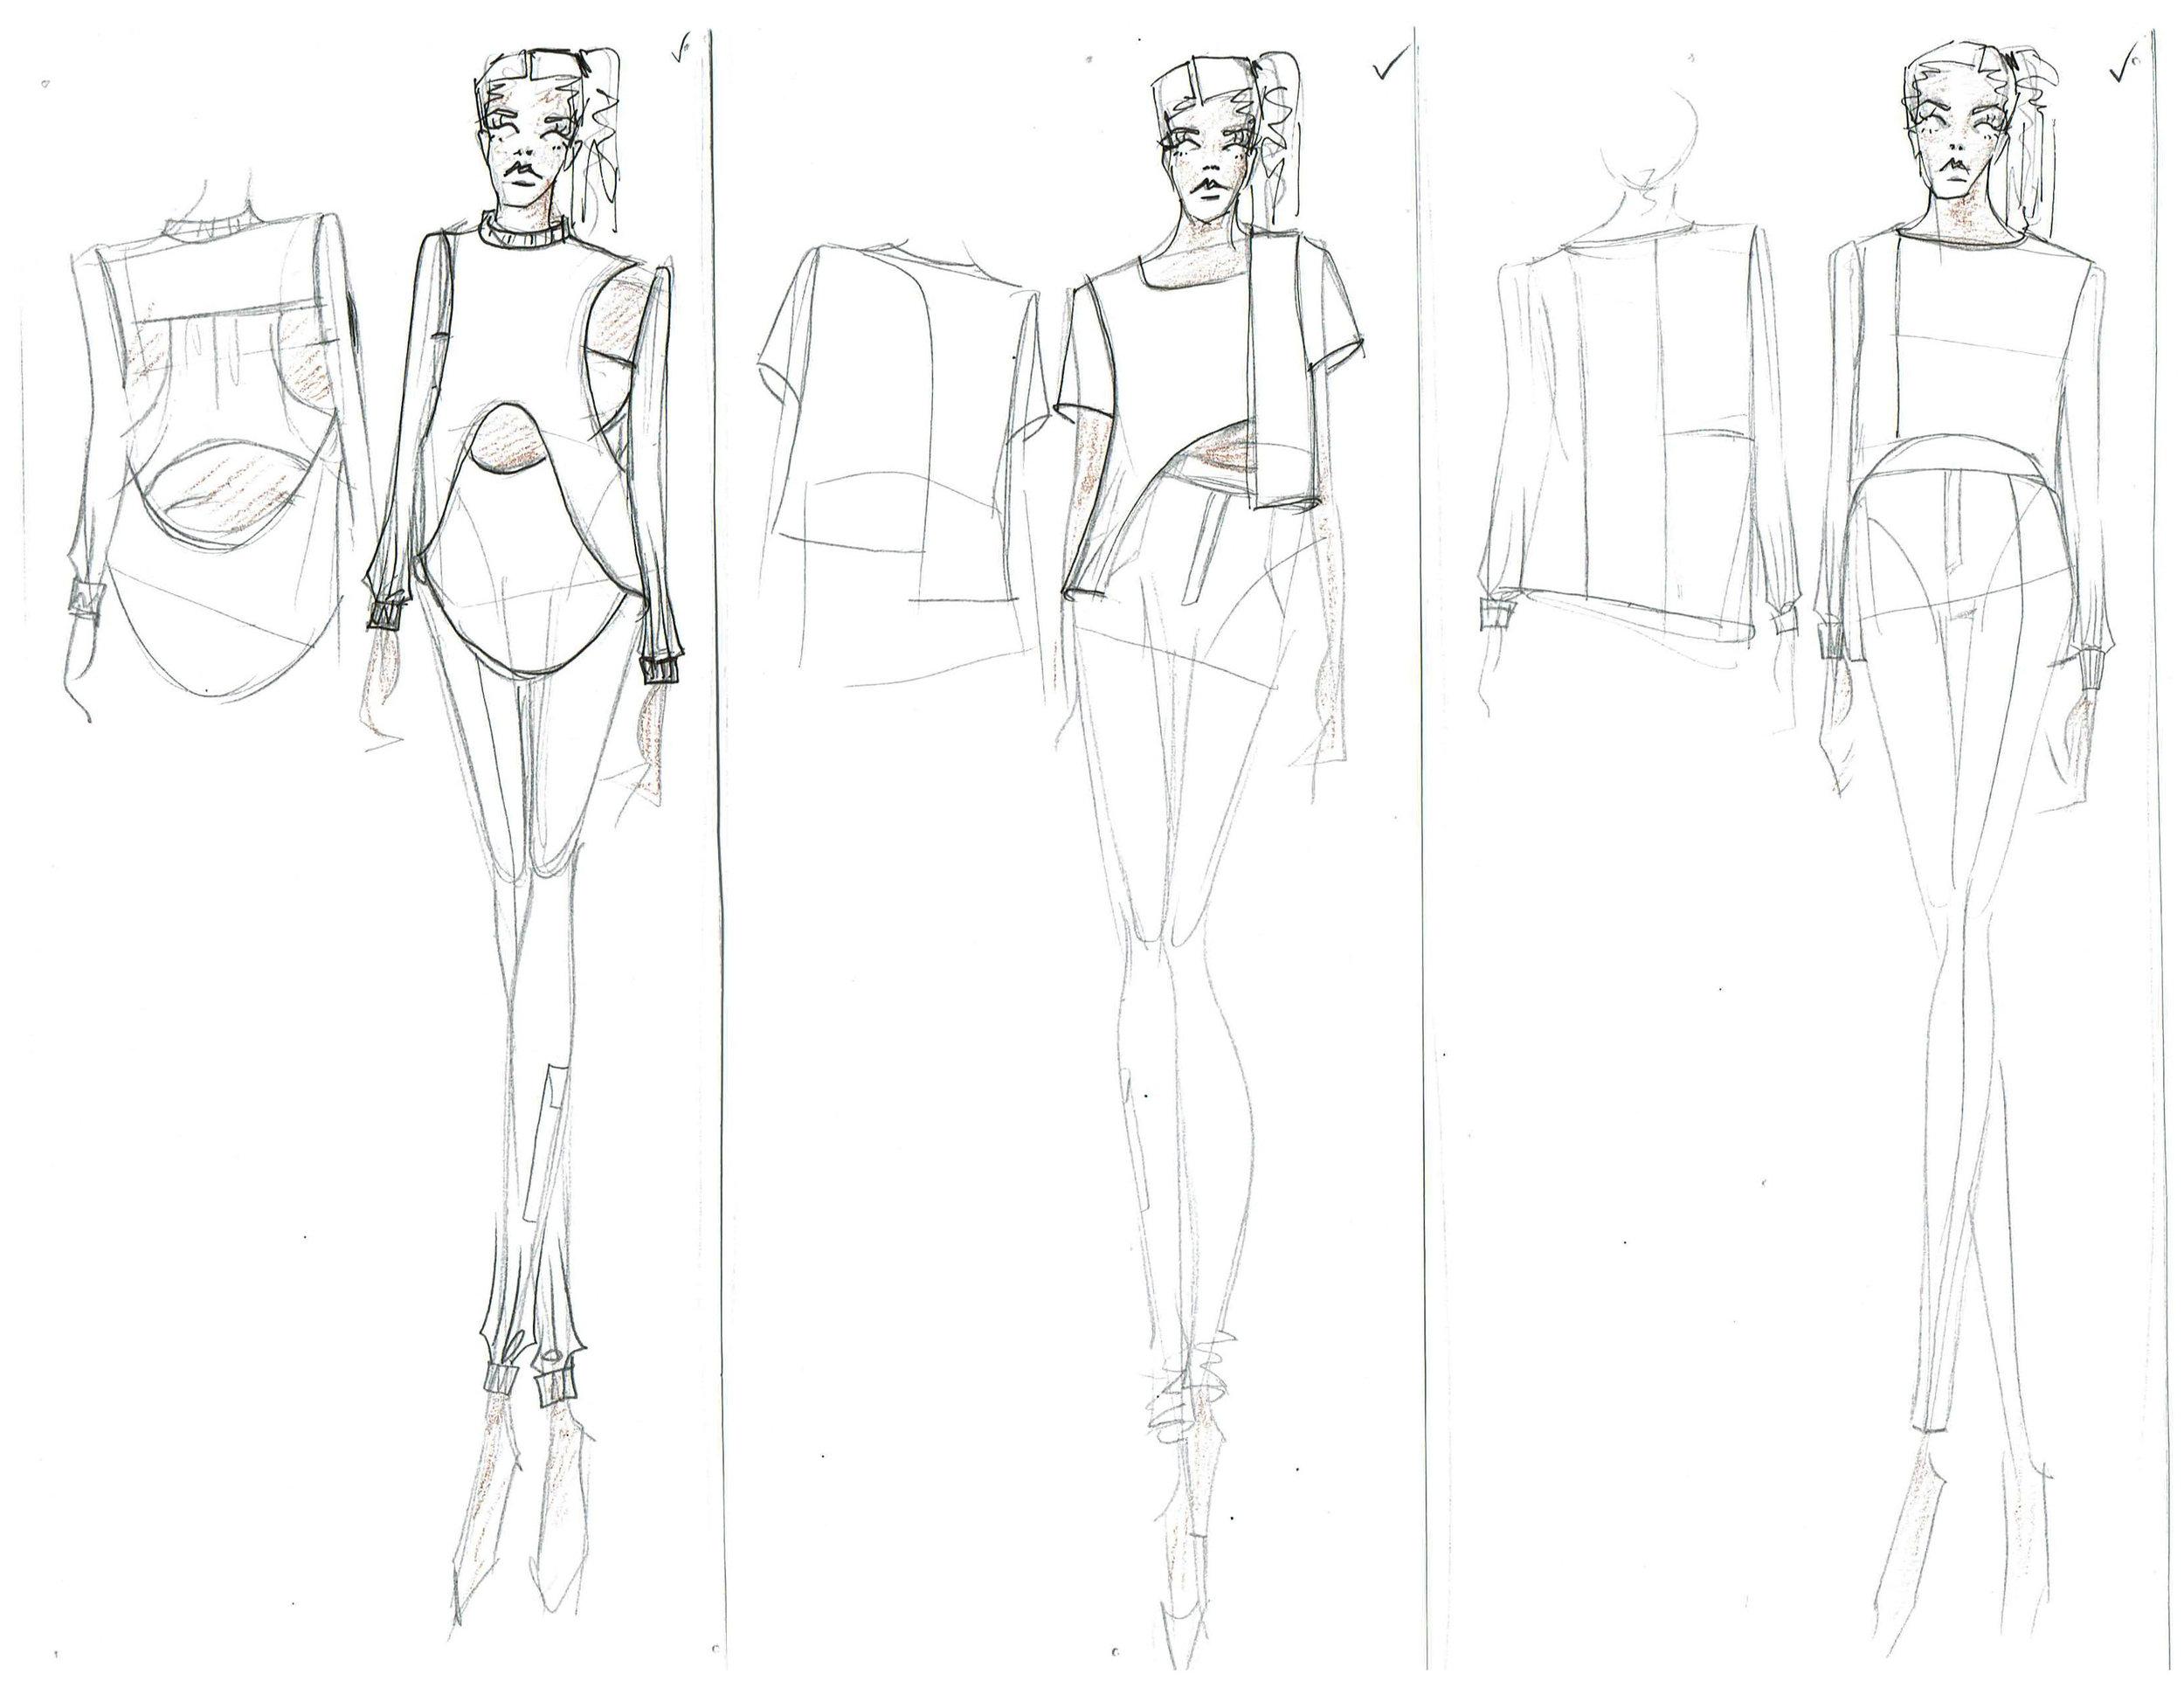 sketches2 copy copy.jpg